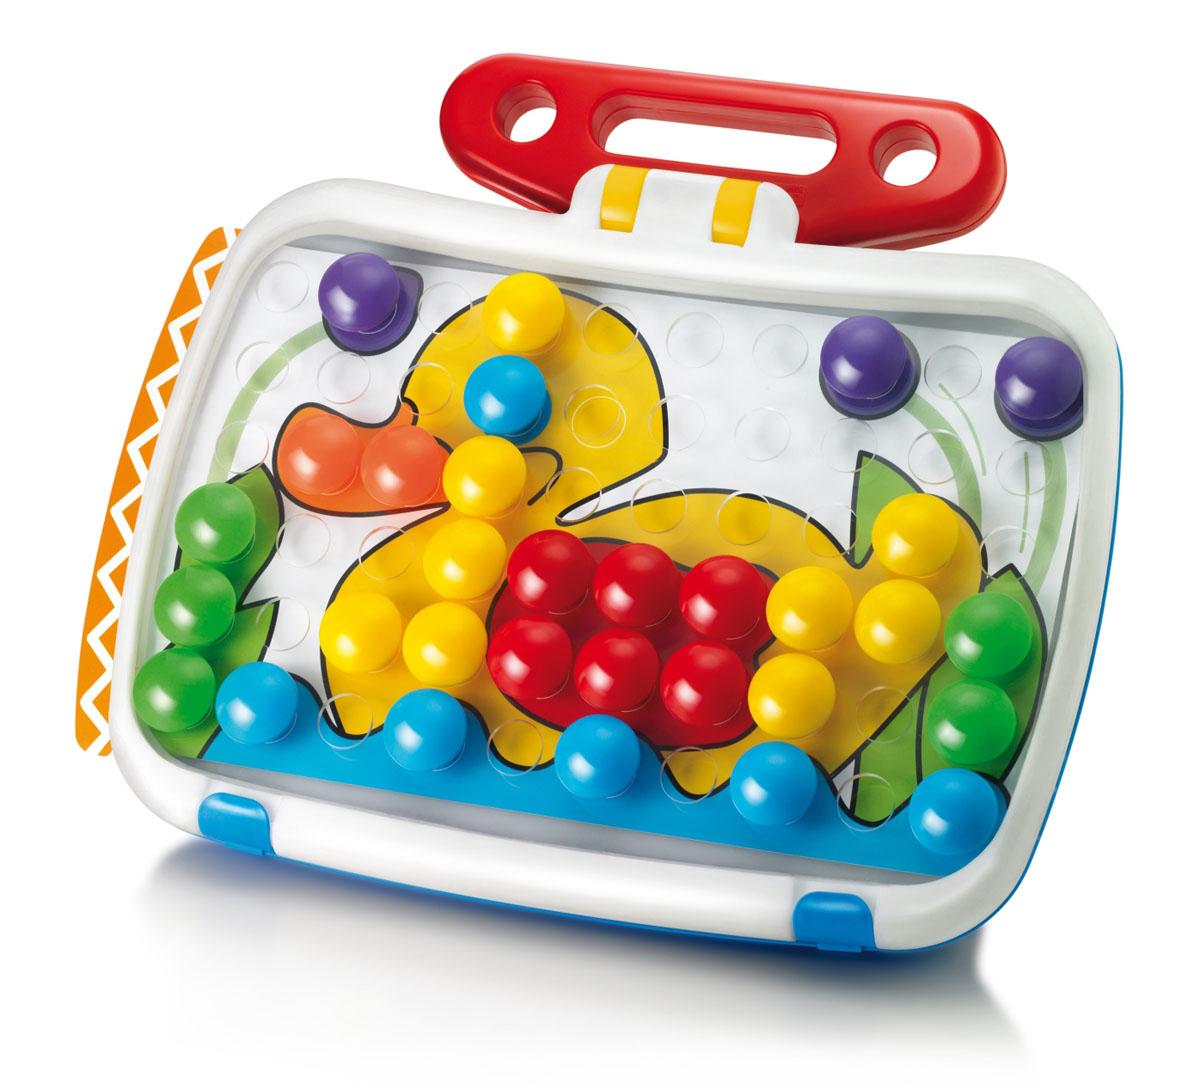 Мозаика для малышей в чемоданчике Комби Джуниор из 60 элементов с доской для рисования.4199Комби Юниор Удивительный набор, включающий в себя классическую мозаику с одной стороны и доску для рисования с другой, в удобном кейсе с ручкой. Юниор Combi - экстраординарная образовательная игрушка, которая стимулирует творческий потенциал Вашего ребенка, развивая зрительно-моторную координацию, цветное восприятие и мелкую моторику. Для детей от 4-х лет. Производство Италия.